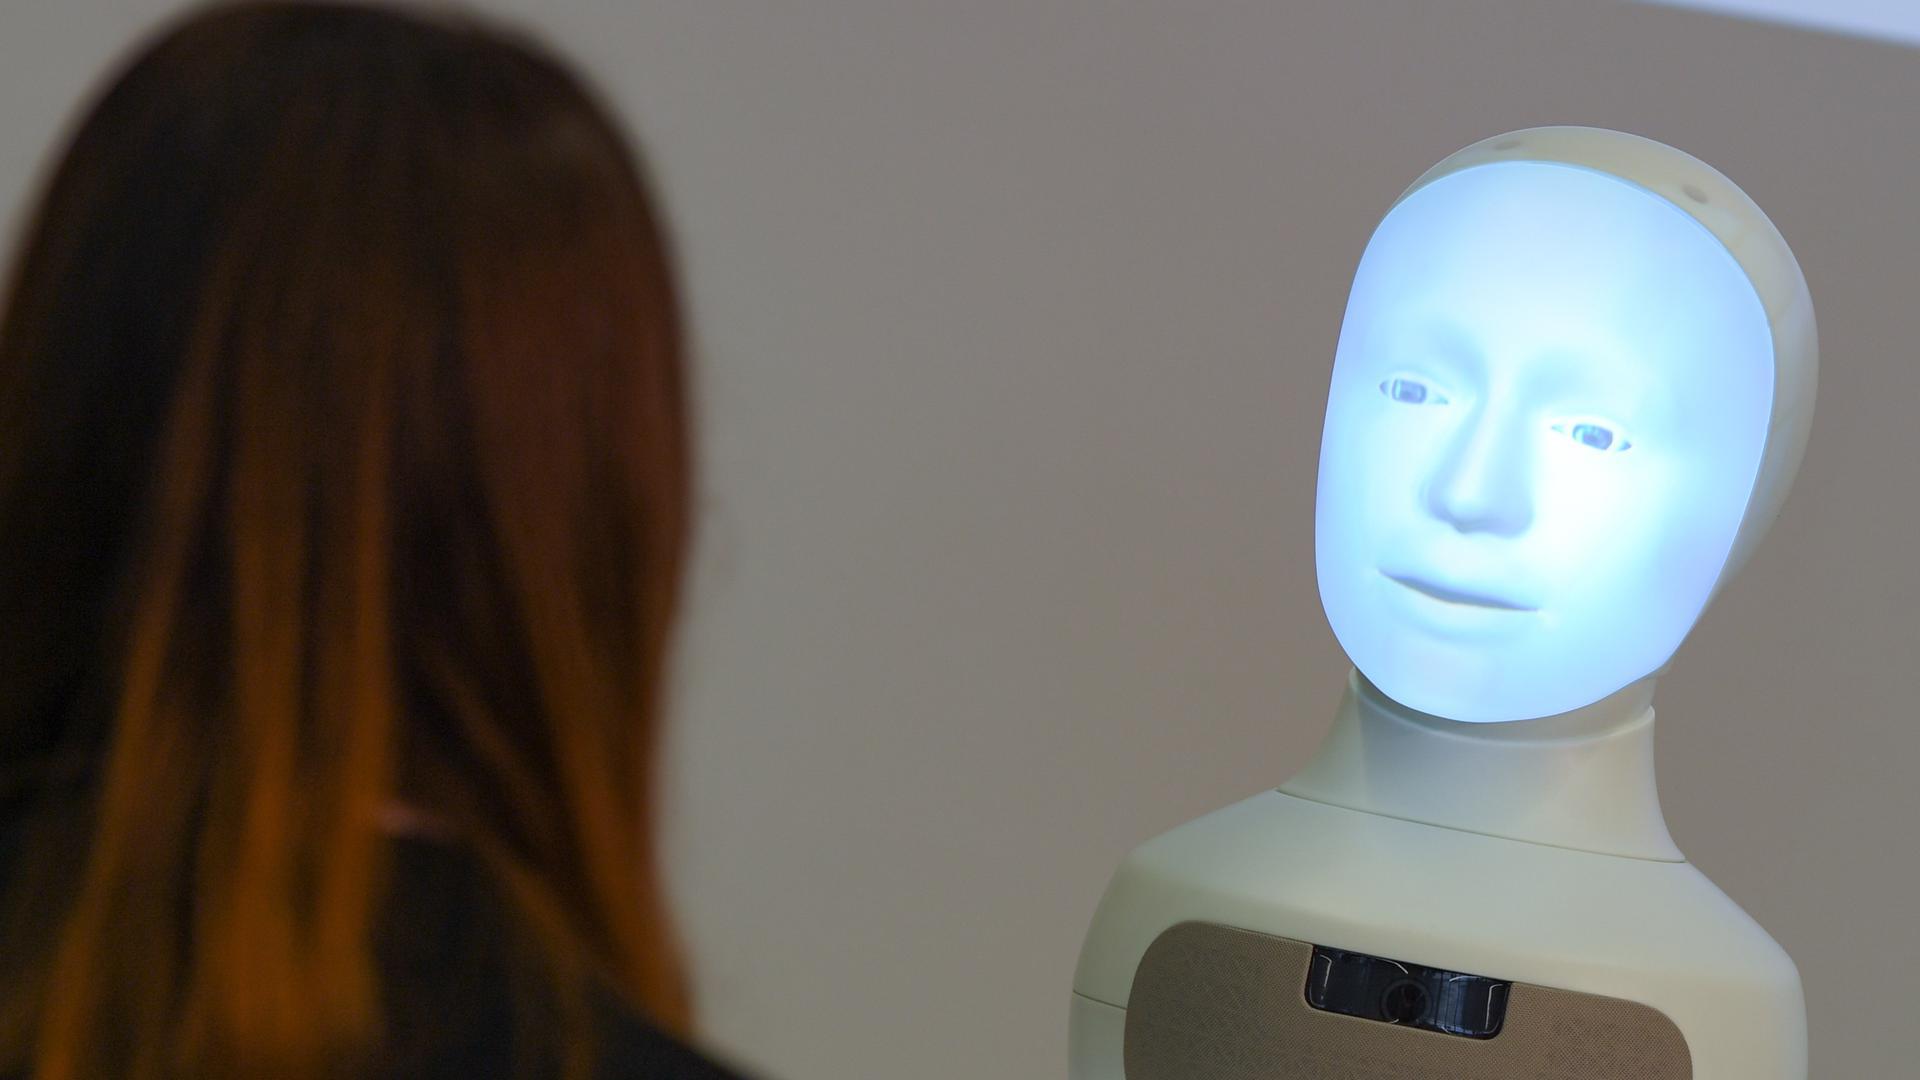 Kommen die Sprachassistenten der Zukunft aus dem Südwesten? In Baden-Württemberg soll ein Innovationspark für Künstliche Intelligenz (KI) entstehen.